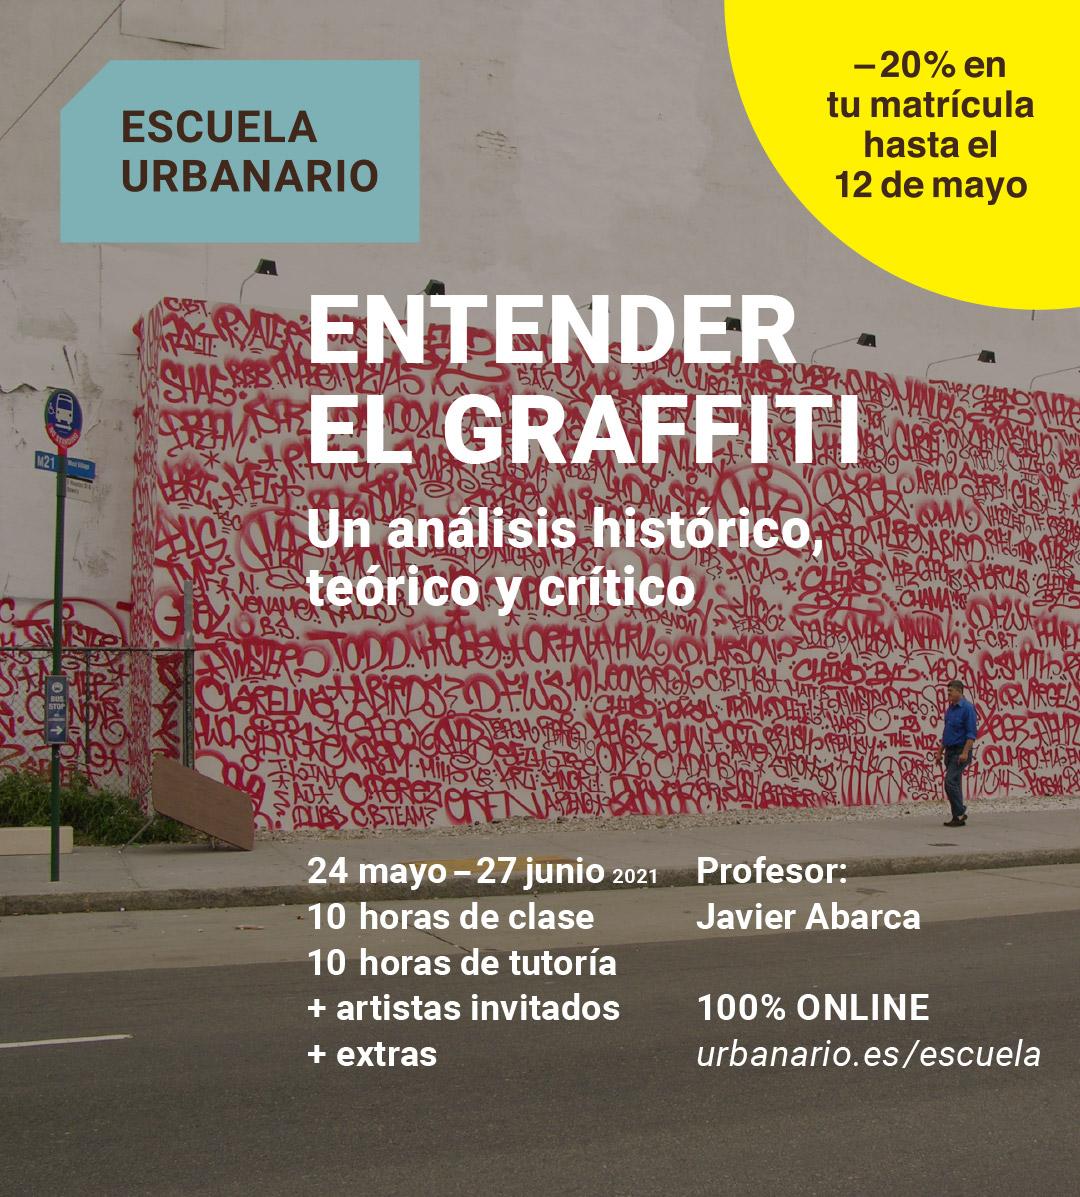 Entender el Graffiti - Escuela Urbanario - mayo-junio 2021 - descuento